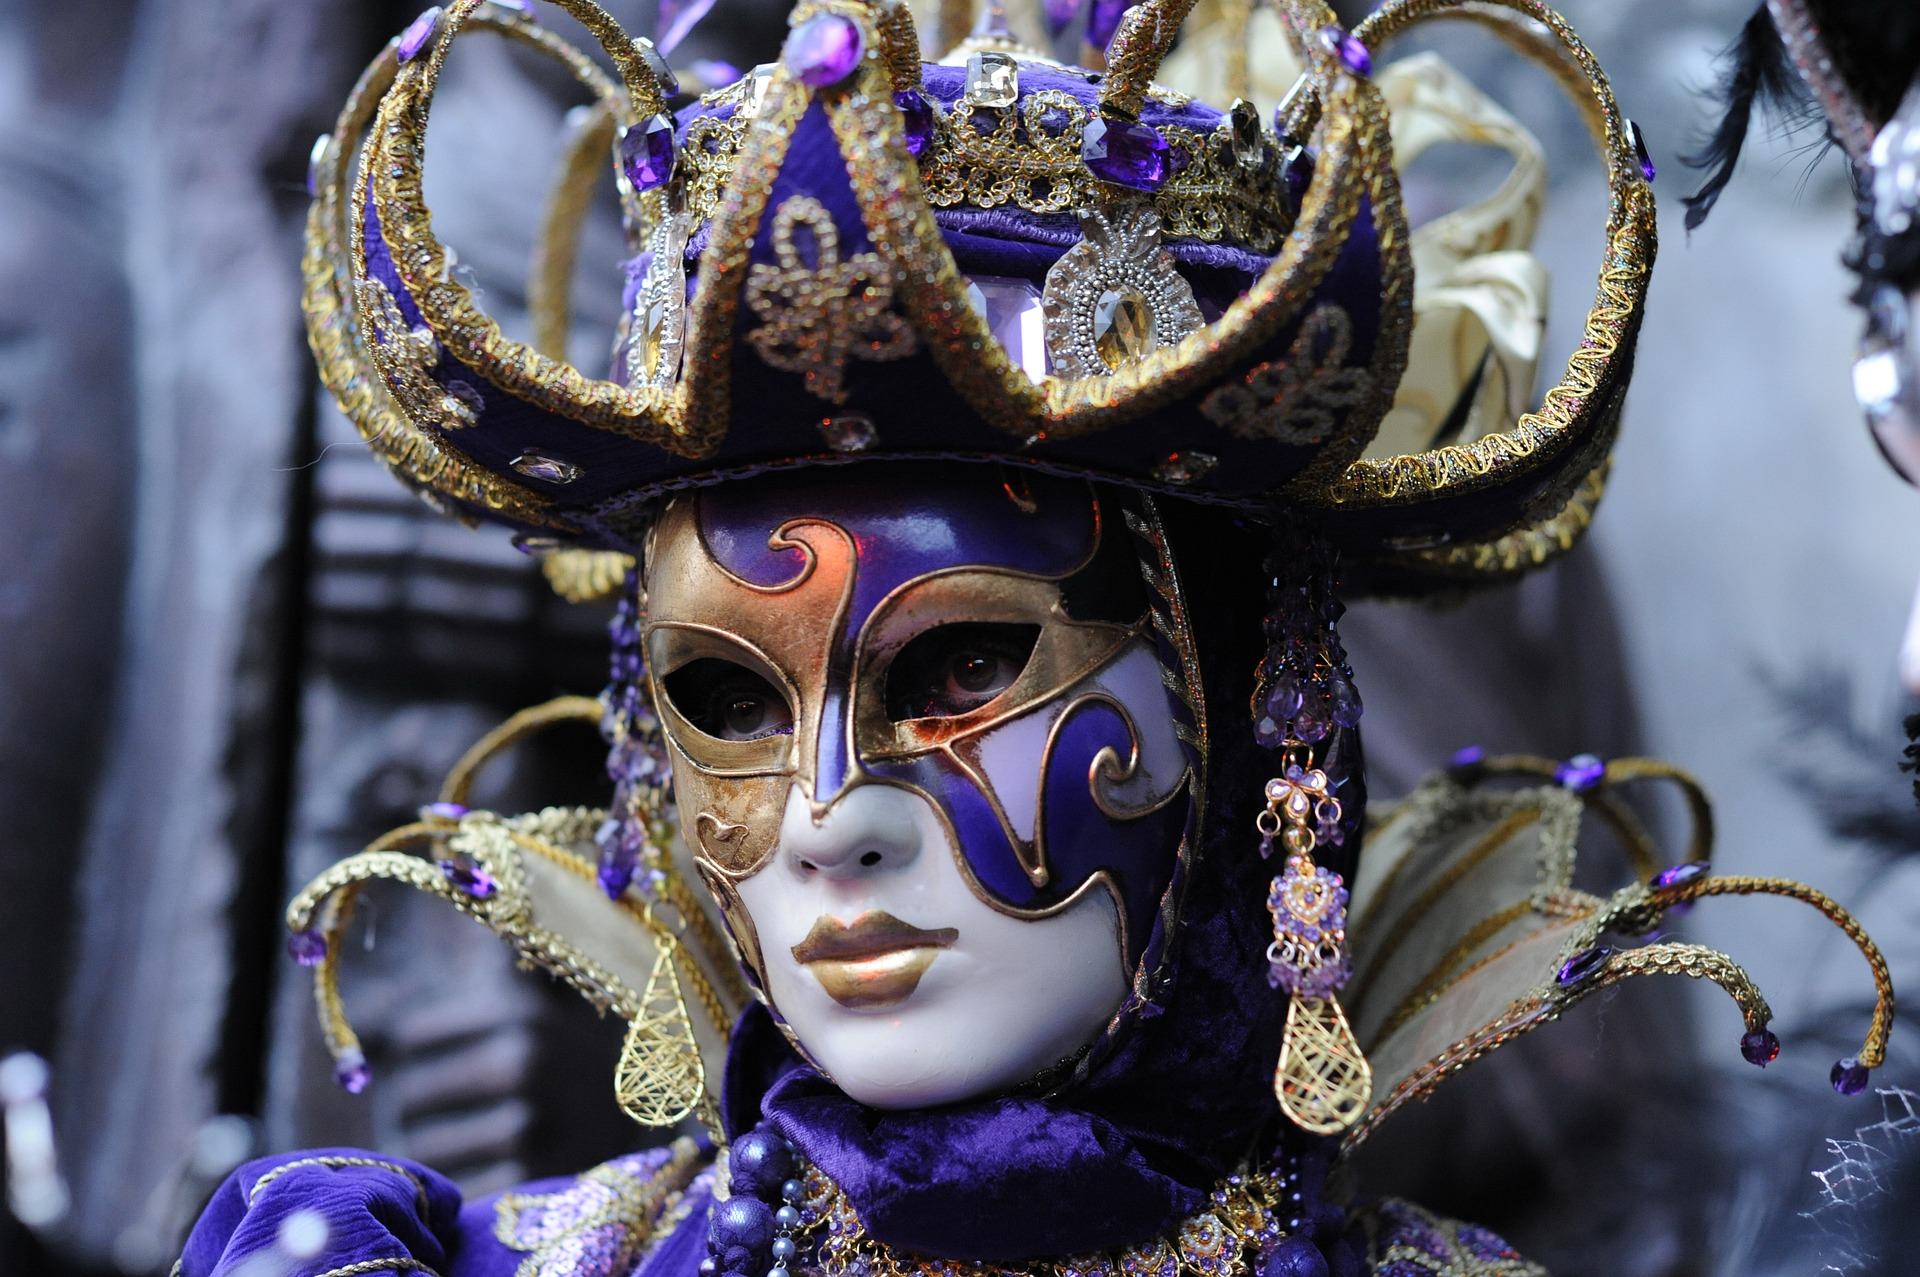 Carnaval de Venecia, Italia carnaval de venecia - 26495361428 22b5c2bbb0 o - Carnaval de Venecia : la historia y elegancia toman la calle